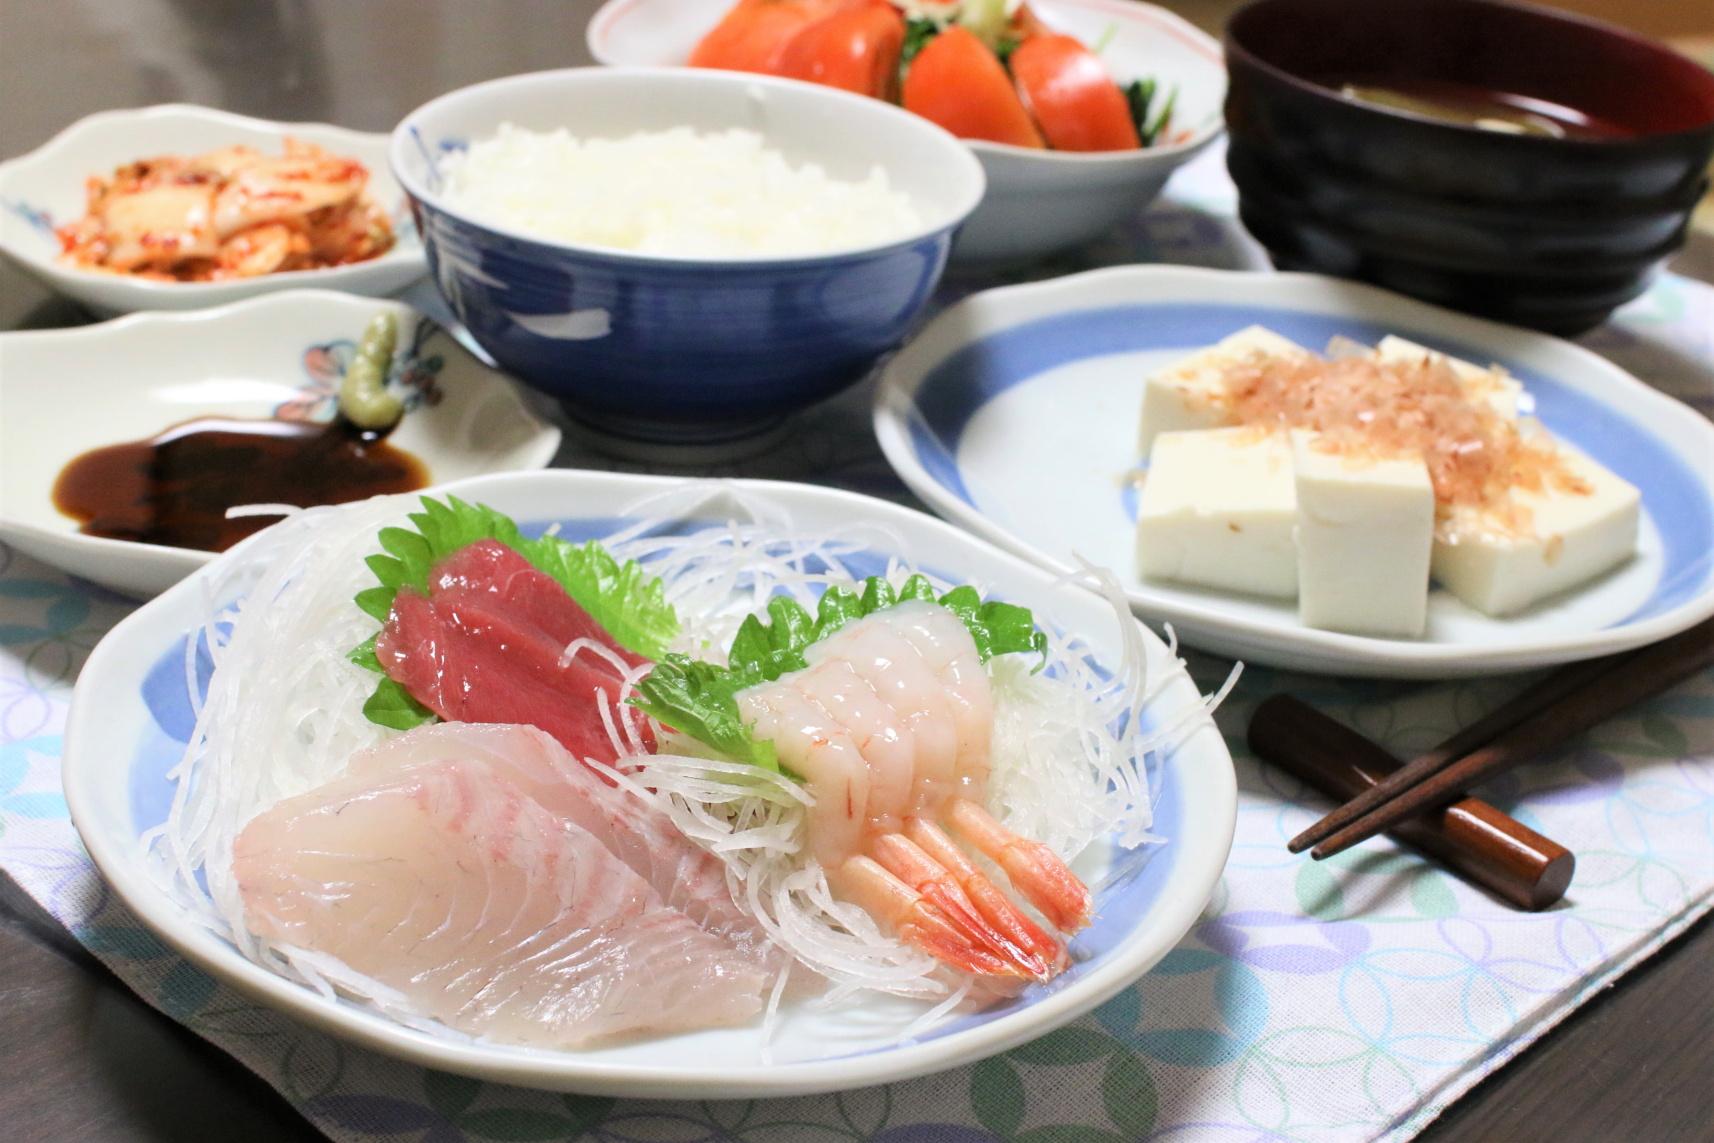 マグロと白身魚、甘えびの刺身など、おばあが用意した晩ごはんのメニュー